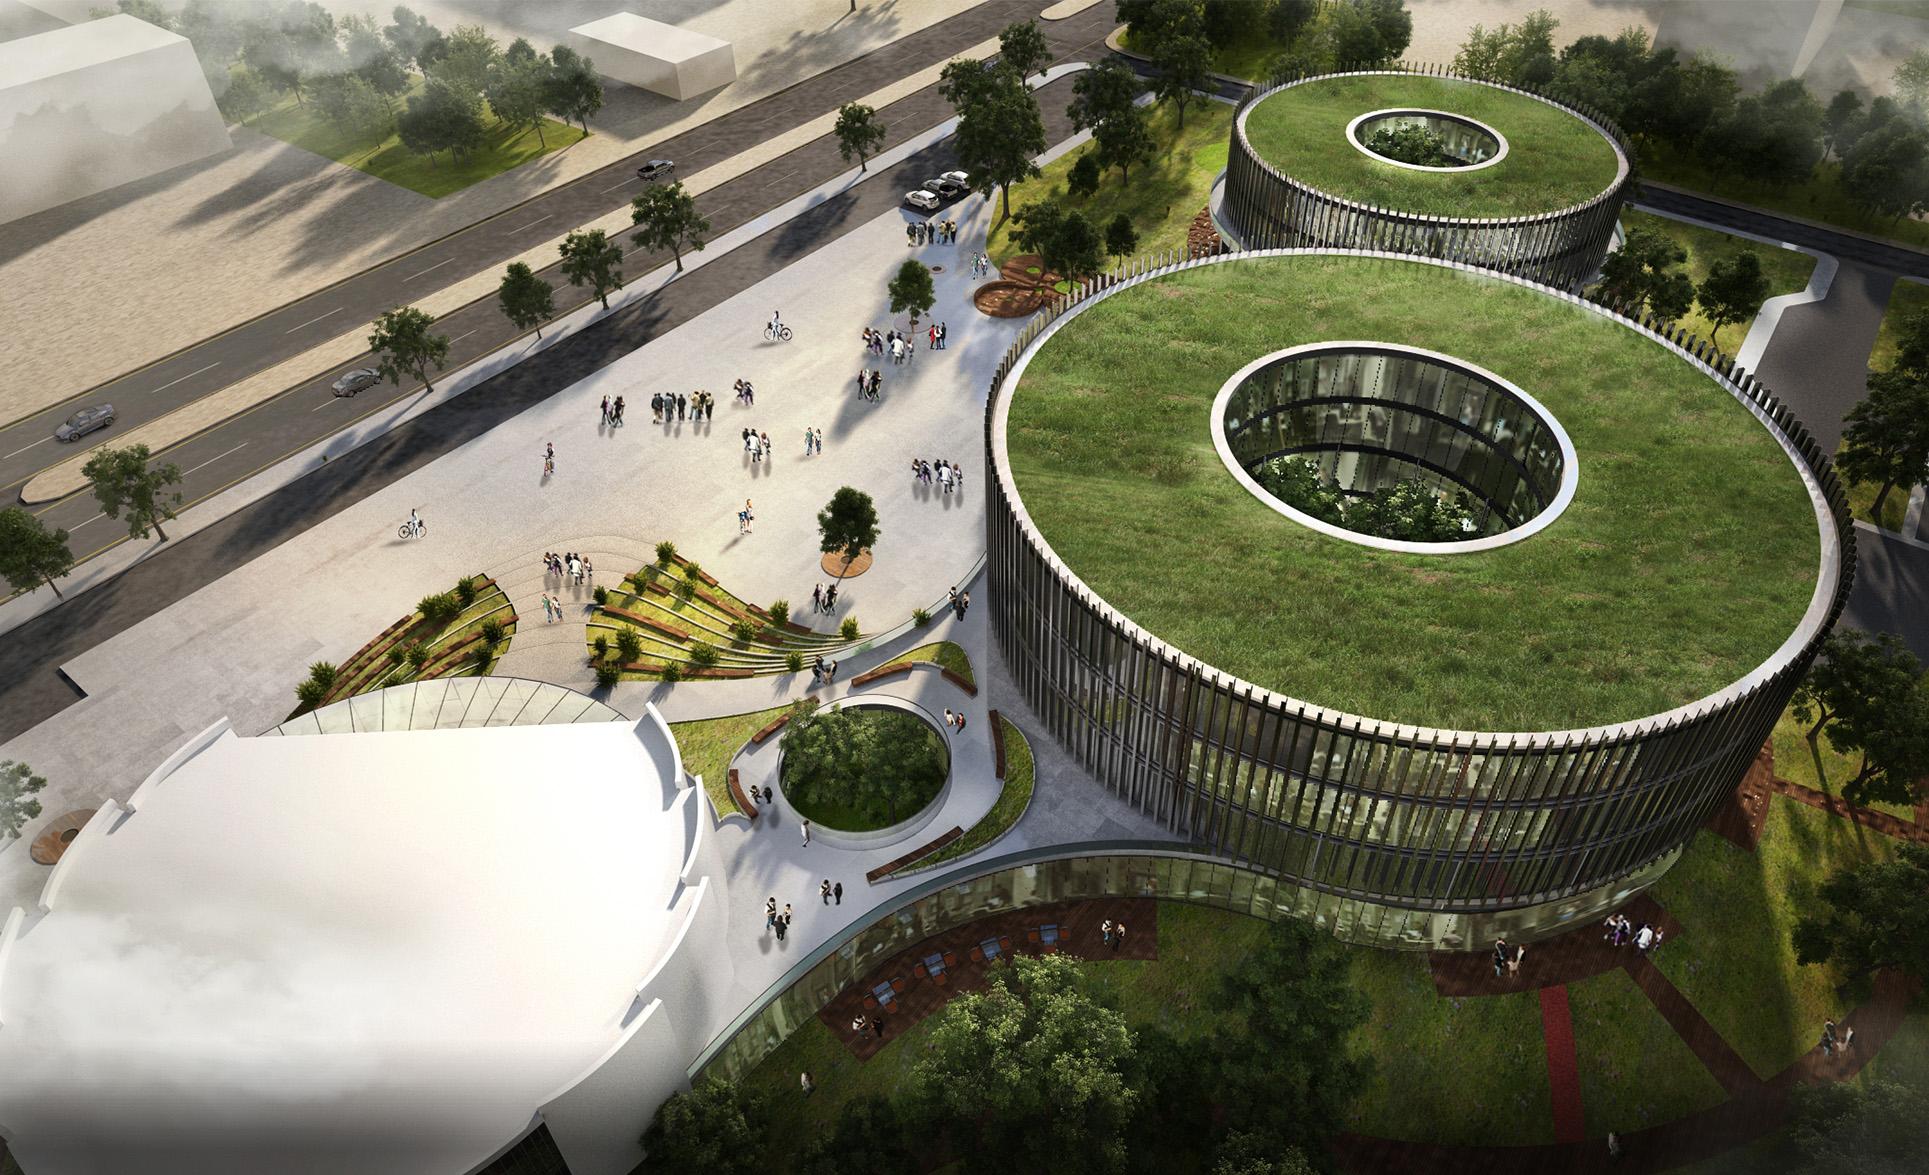 dodofis şehircilik il müdürlüğü ofis binası